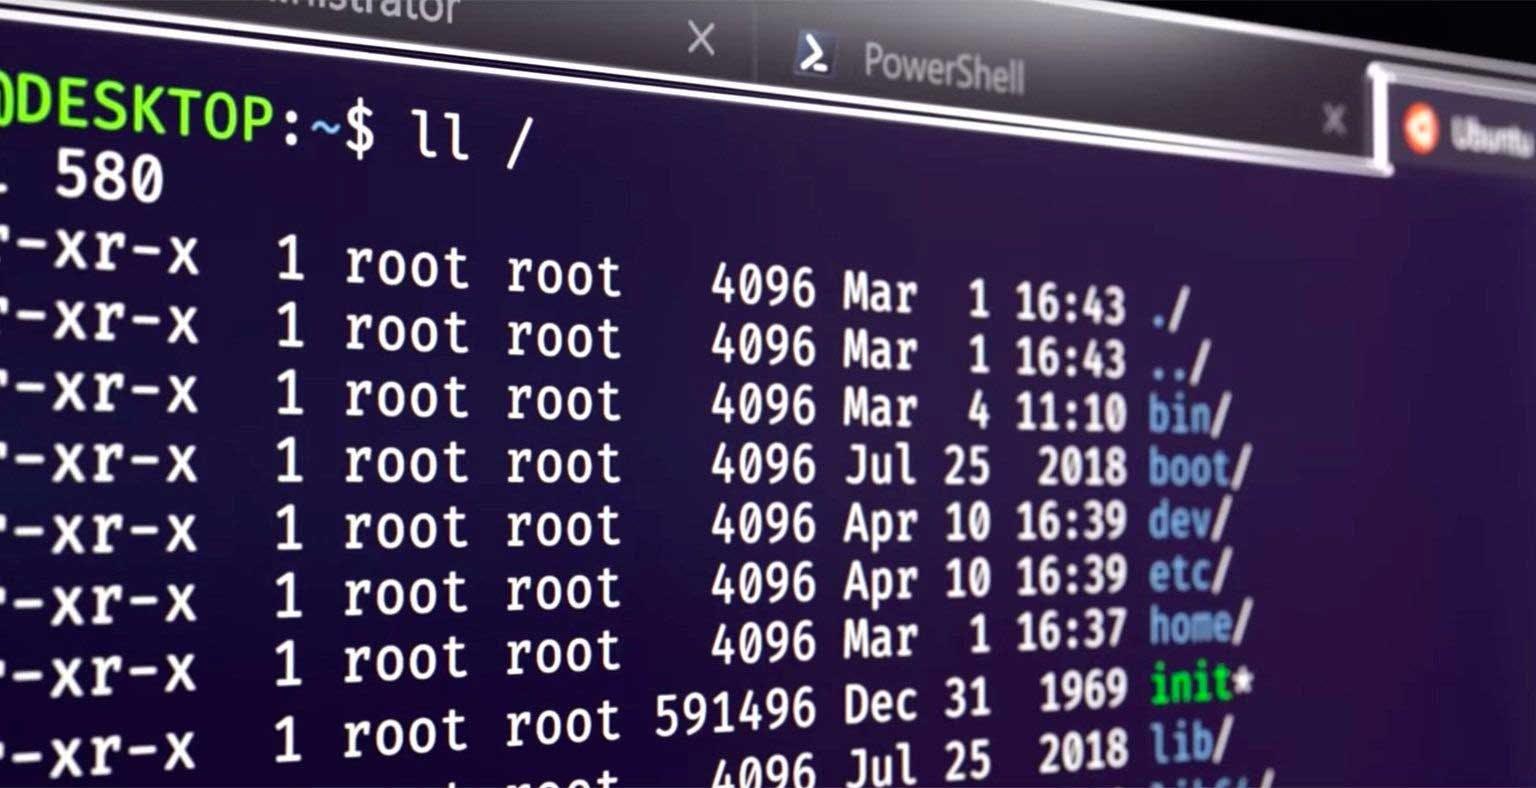 Il più grande contributo al kernel 5.10 di linux è stato dato da Huawei